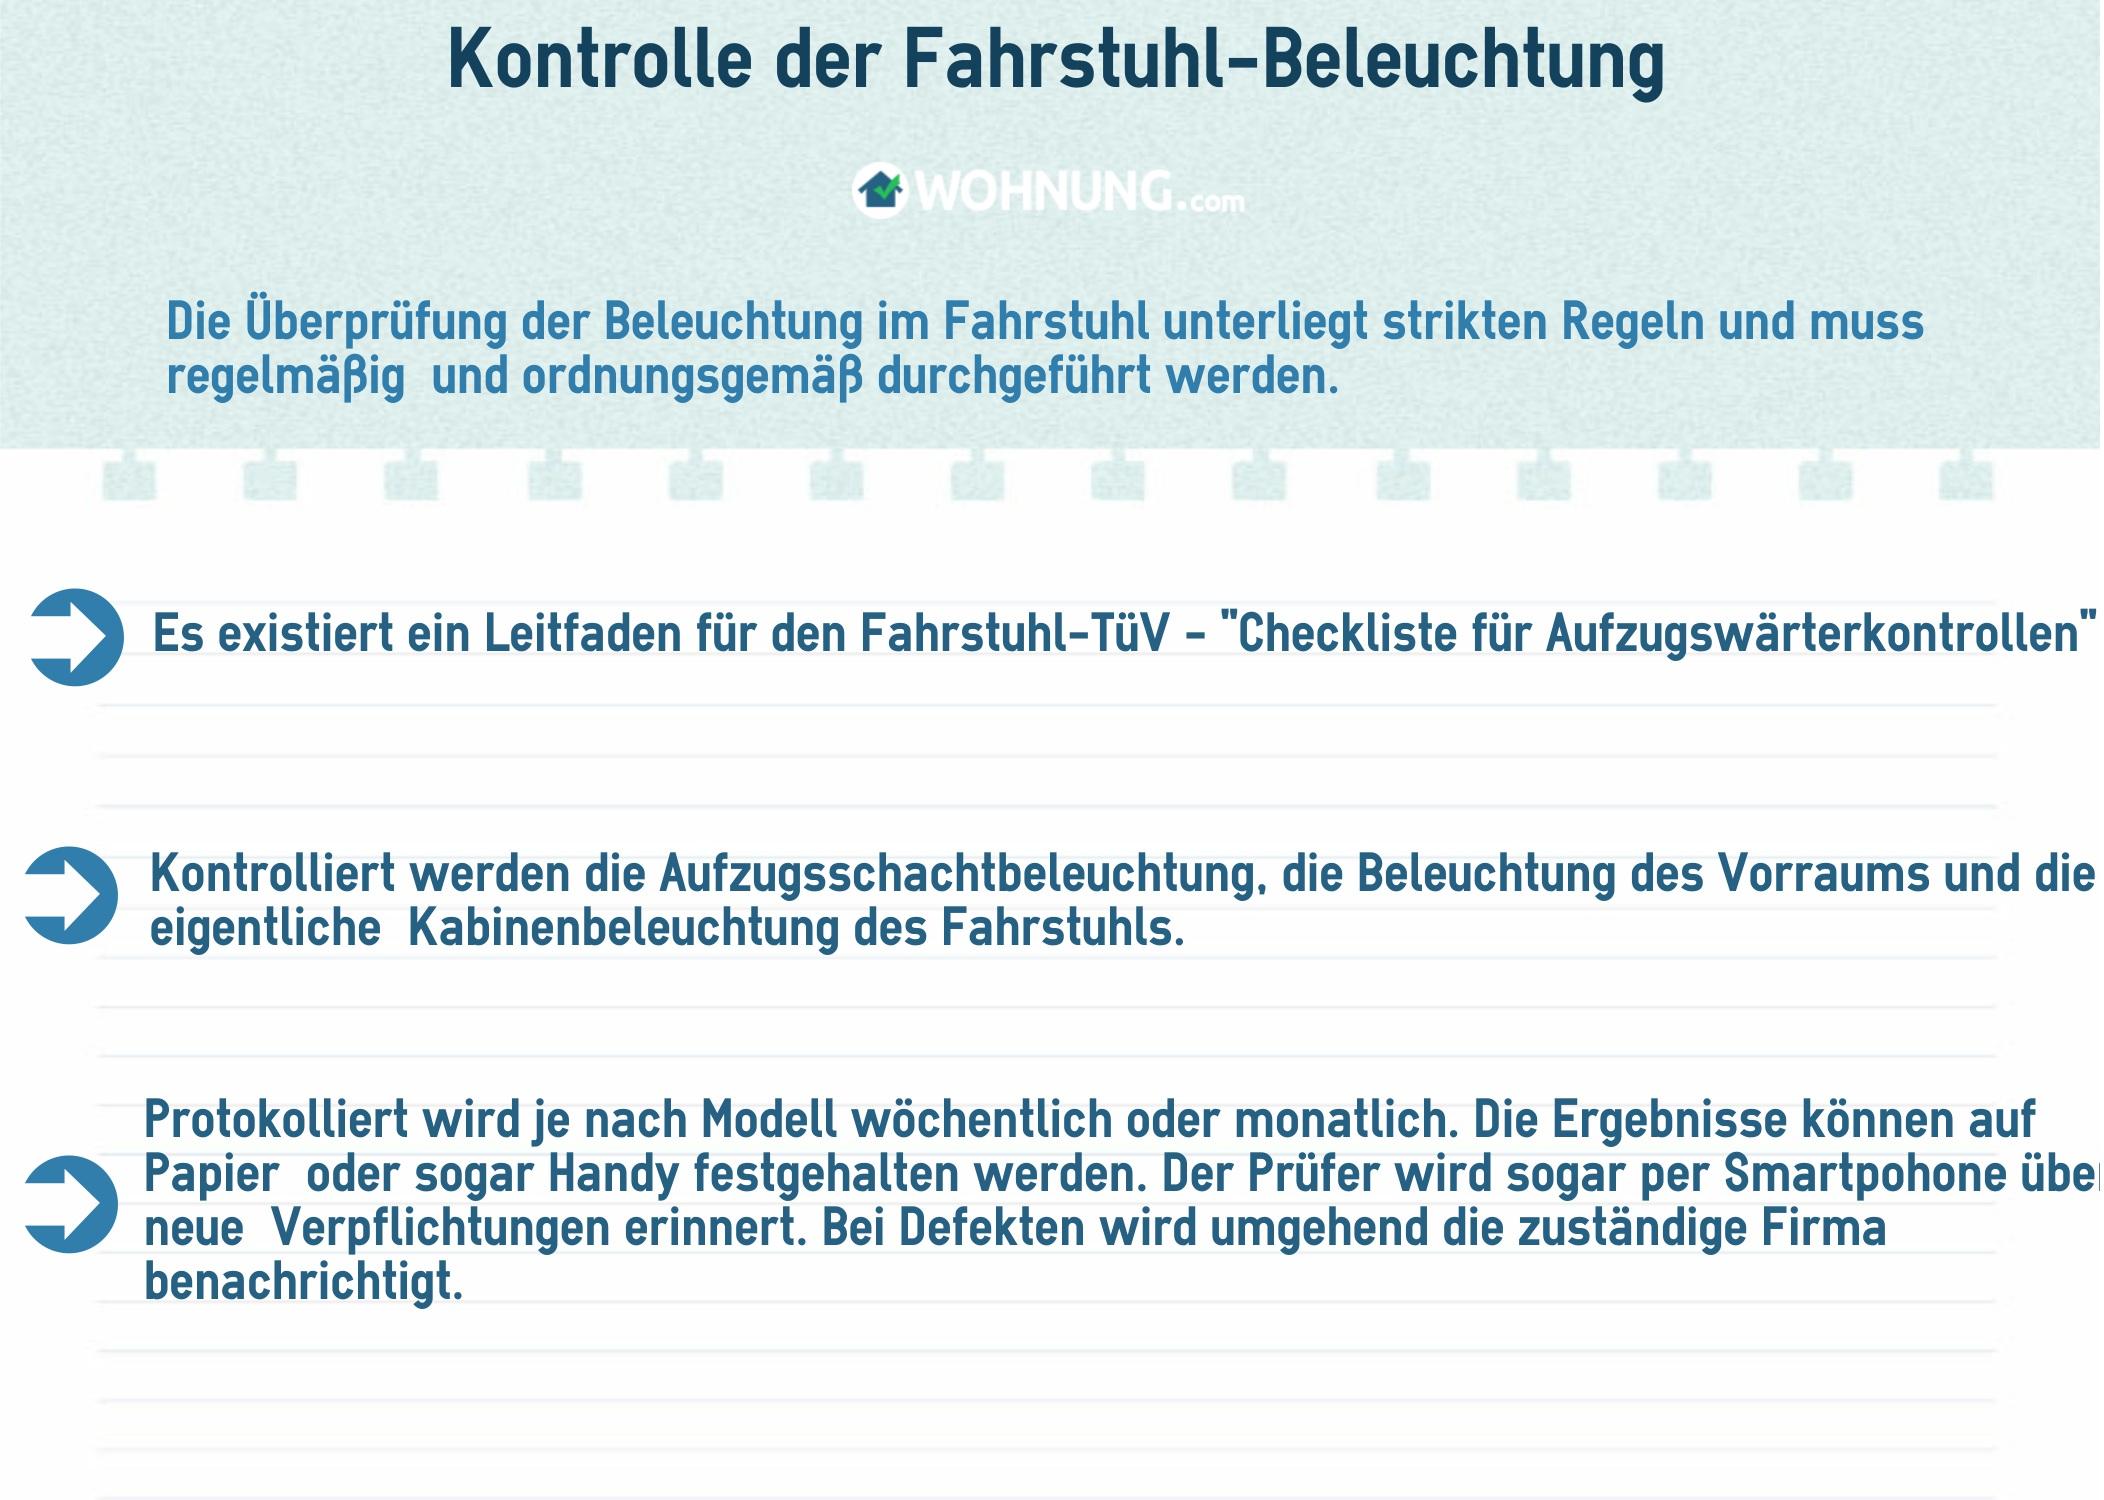 Großzügig Monatliche Checkliste Für Die Prüfung Von Drahtseilen ...